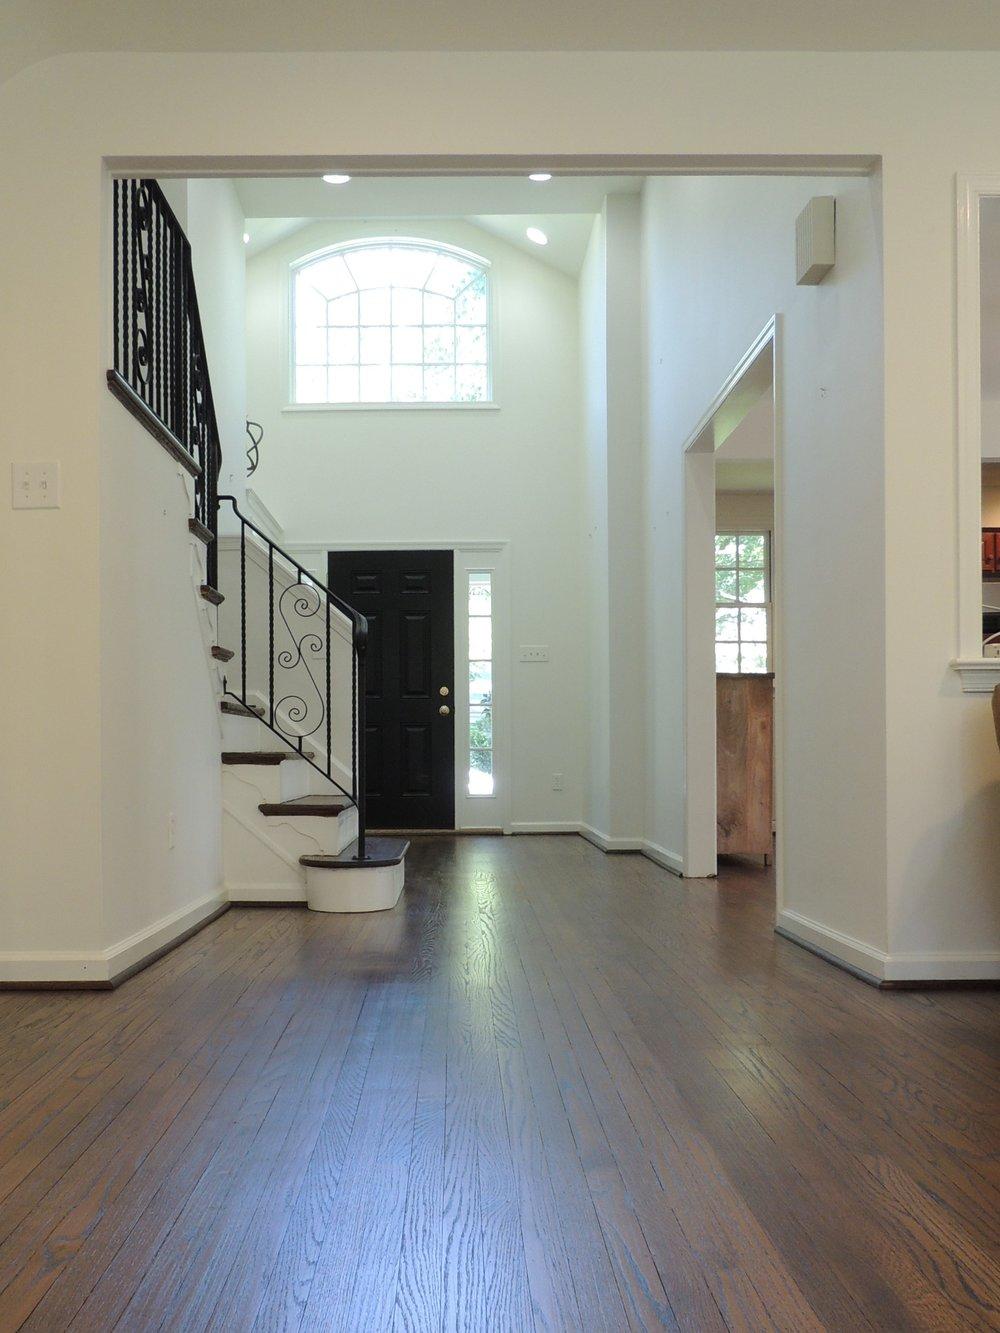 6 - Foyer (2).JPG